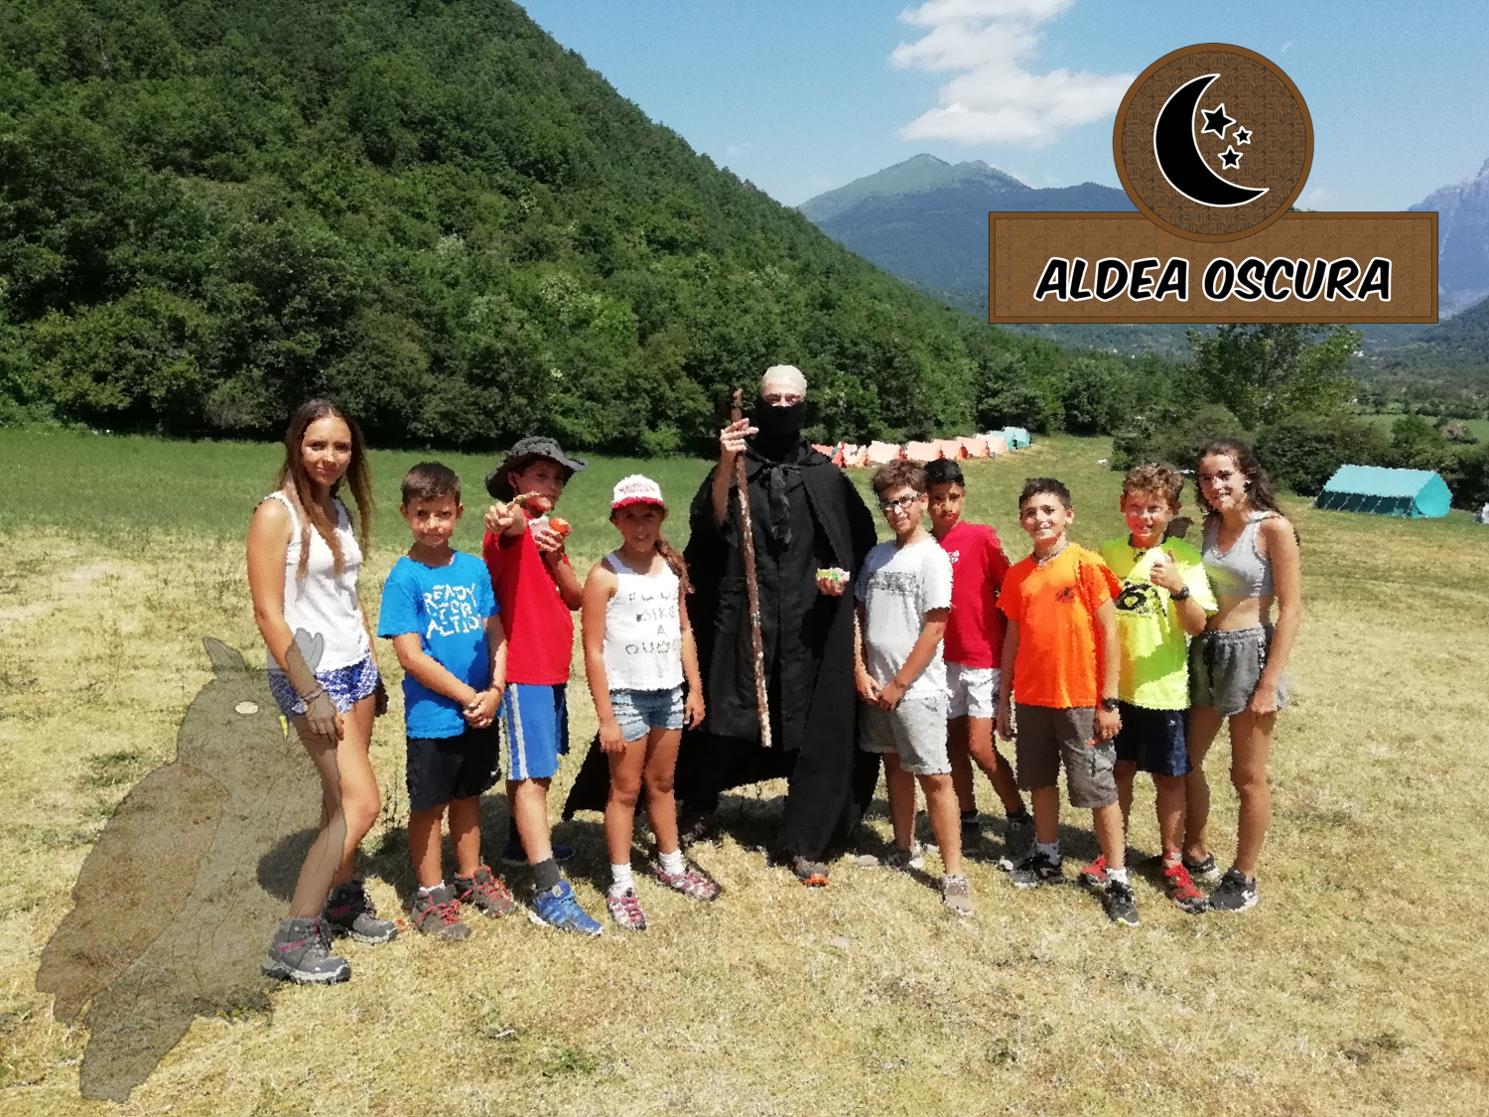 Aldea de la oscuridad | Campamento Turquino 2018: la leyenda de Ordesa